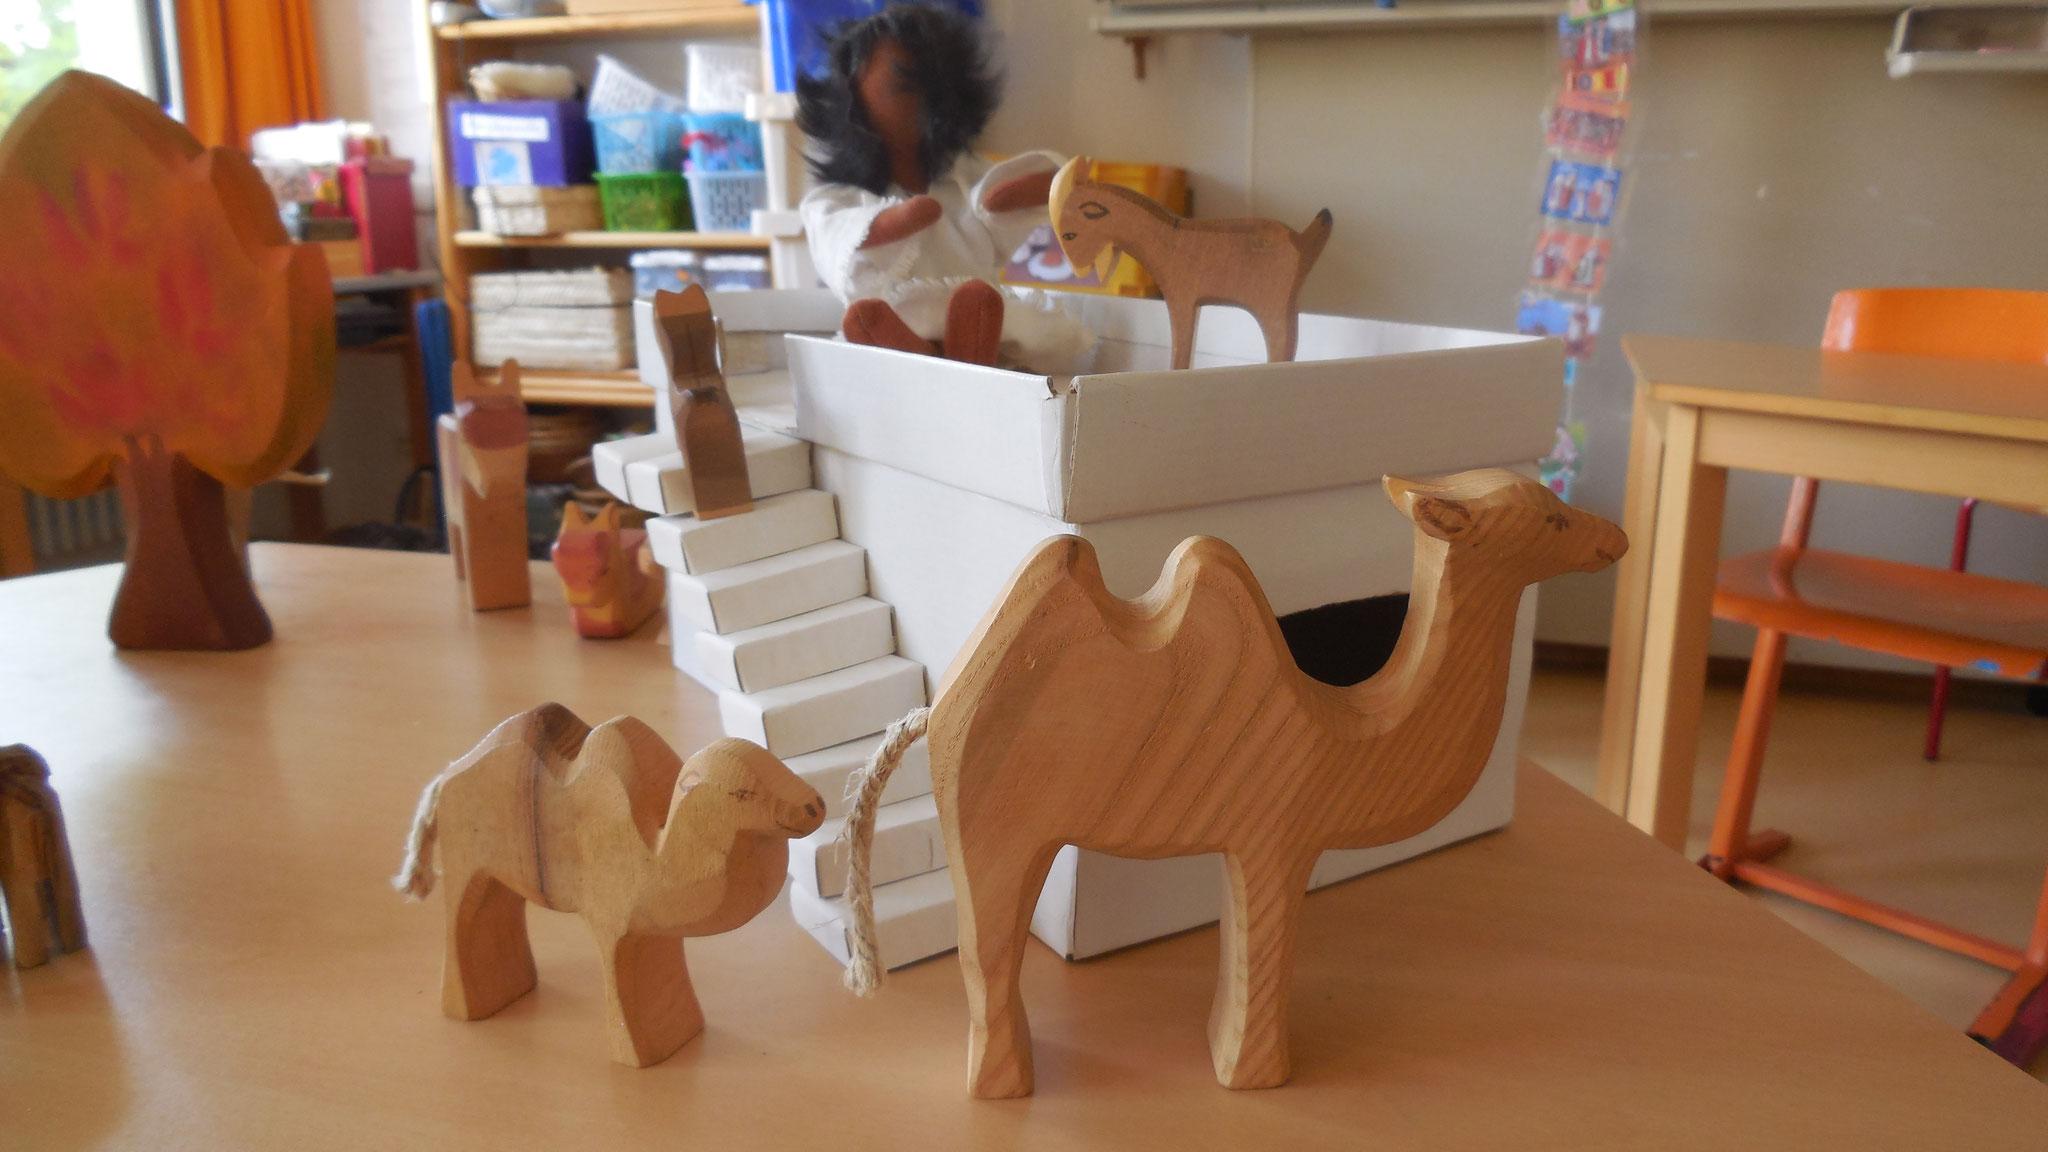 Wenn die großen Kamele an den Häusern vorbei gingen, war das sicher sehr beeindruckend.